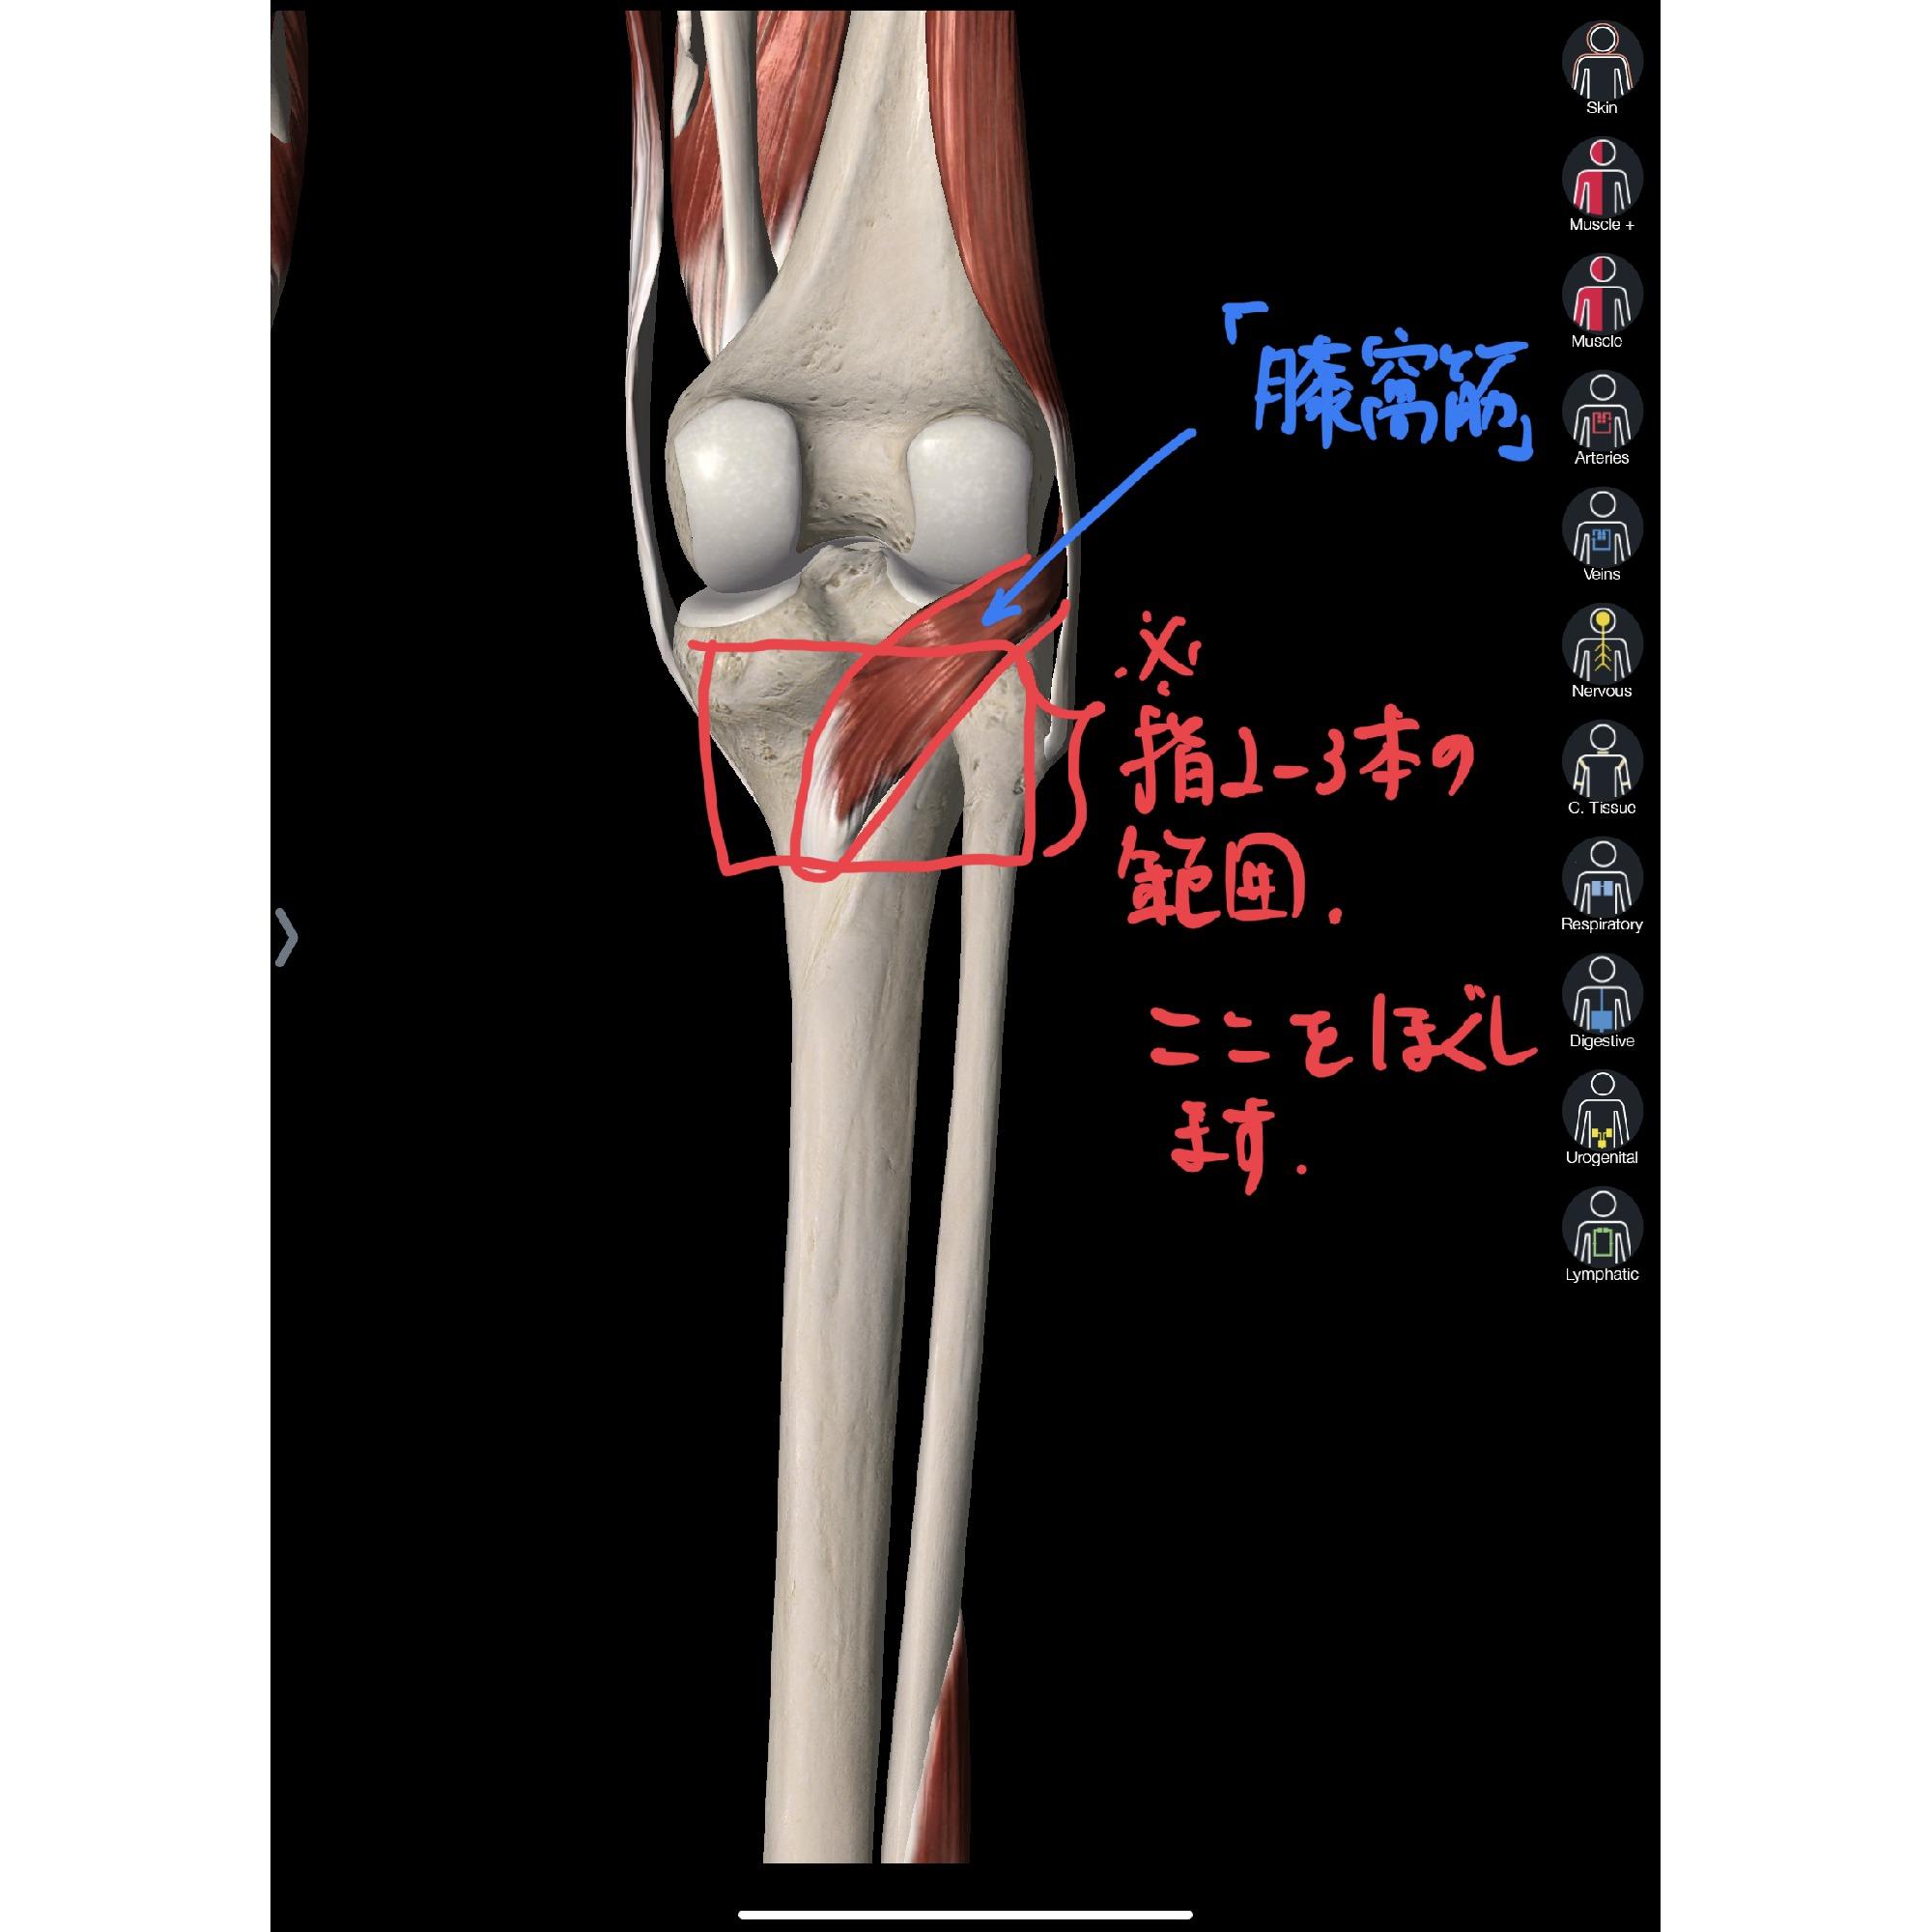 痛み 膝 スポーツ 裏 【医師監修】スポーツによる膝の痛みについて解説!運動前や普段からできる予防策 私の救急箱